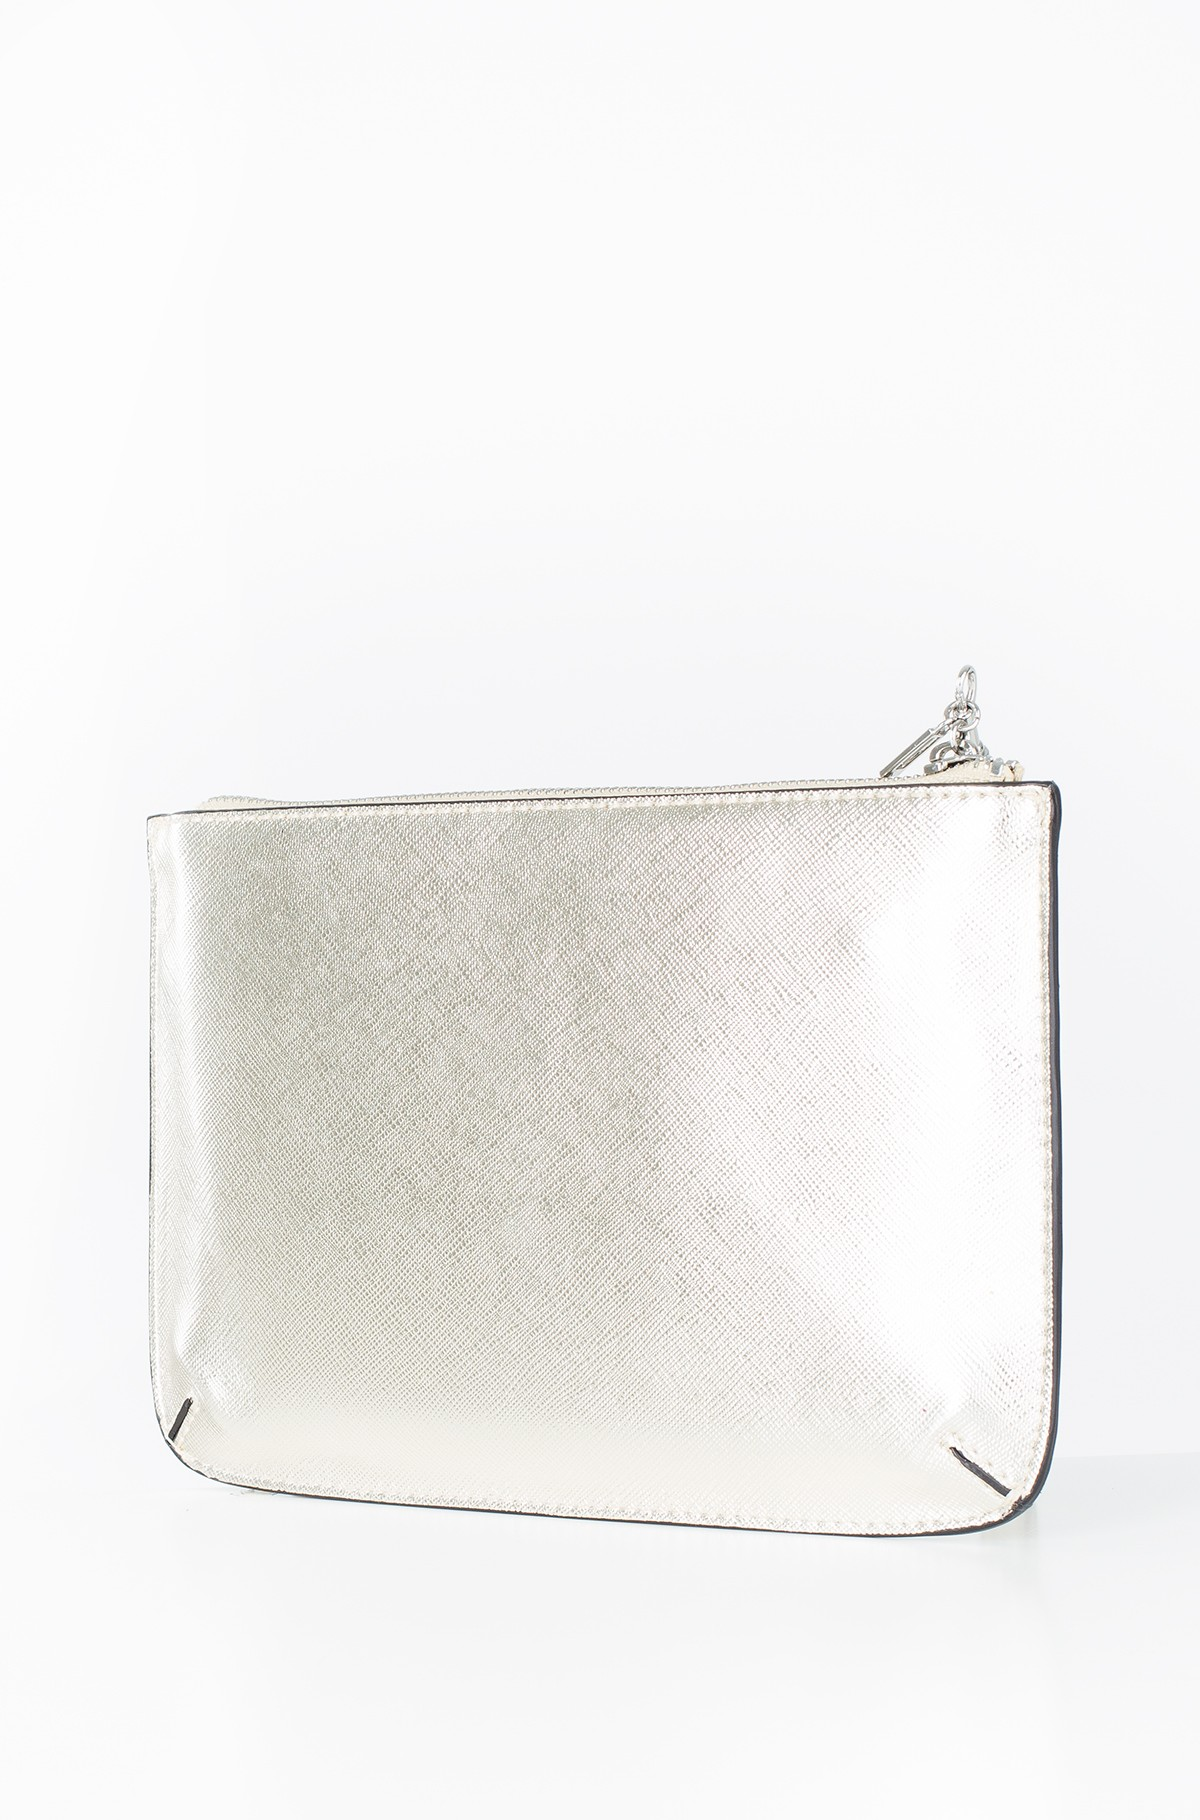 Handbag HWGD67 77710-full-2